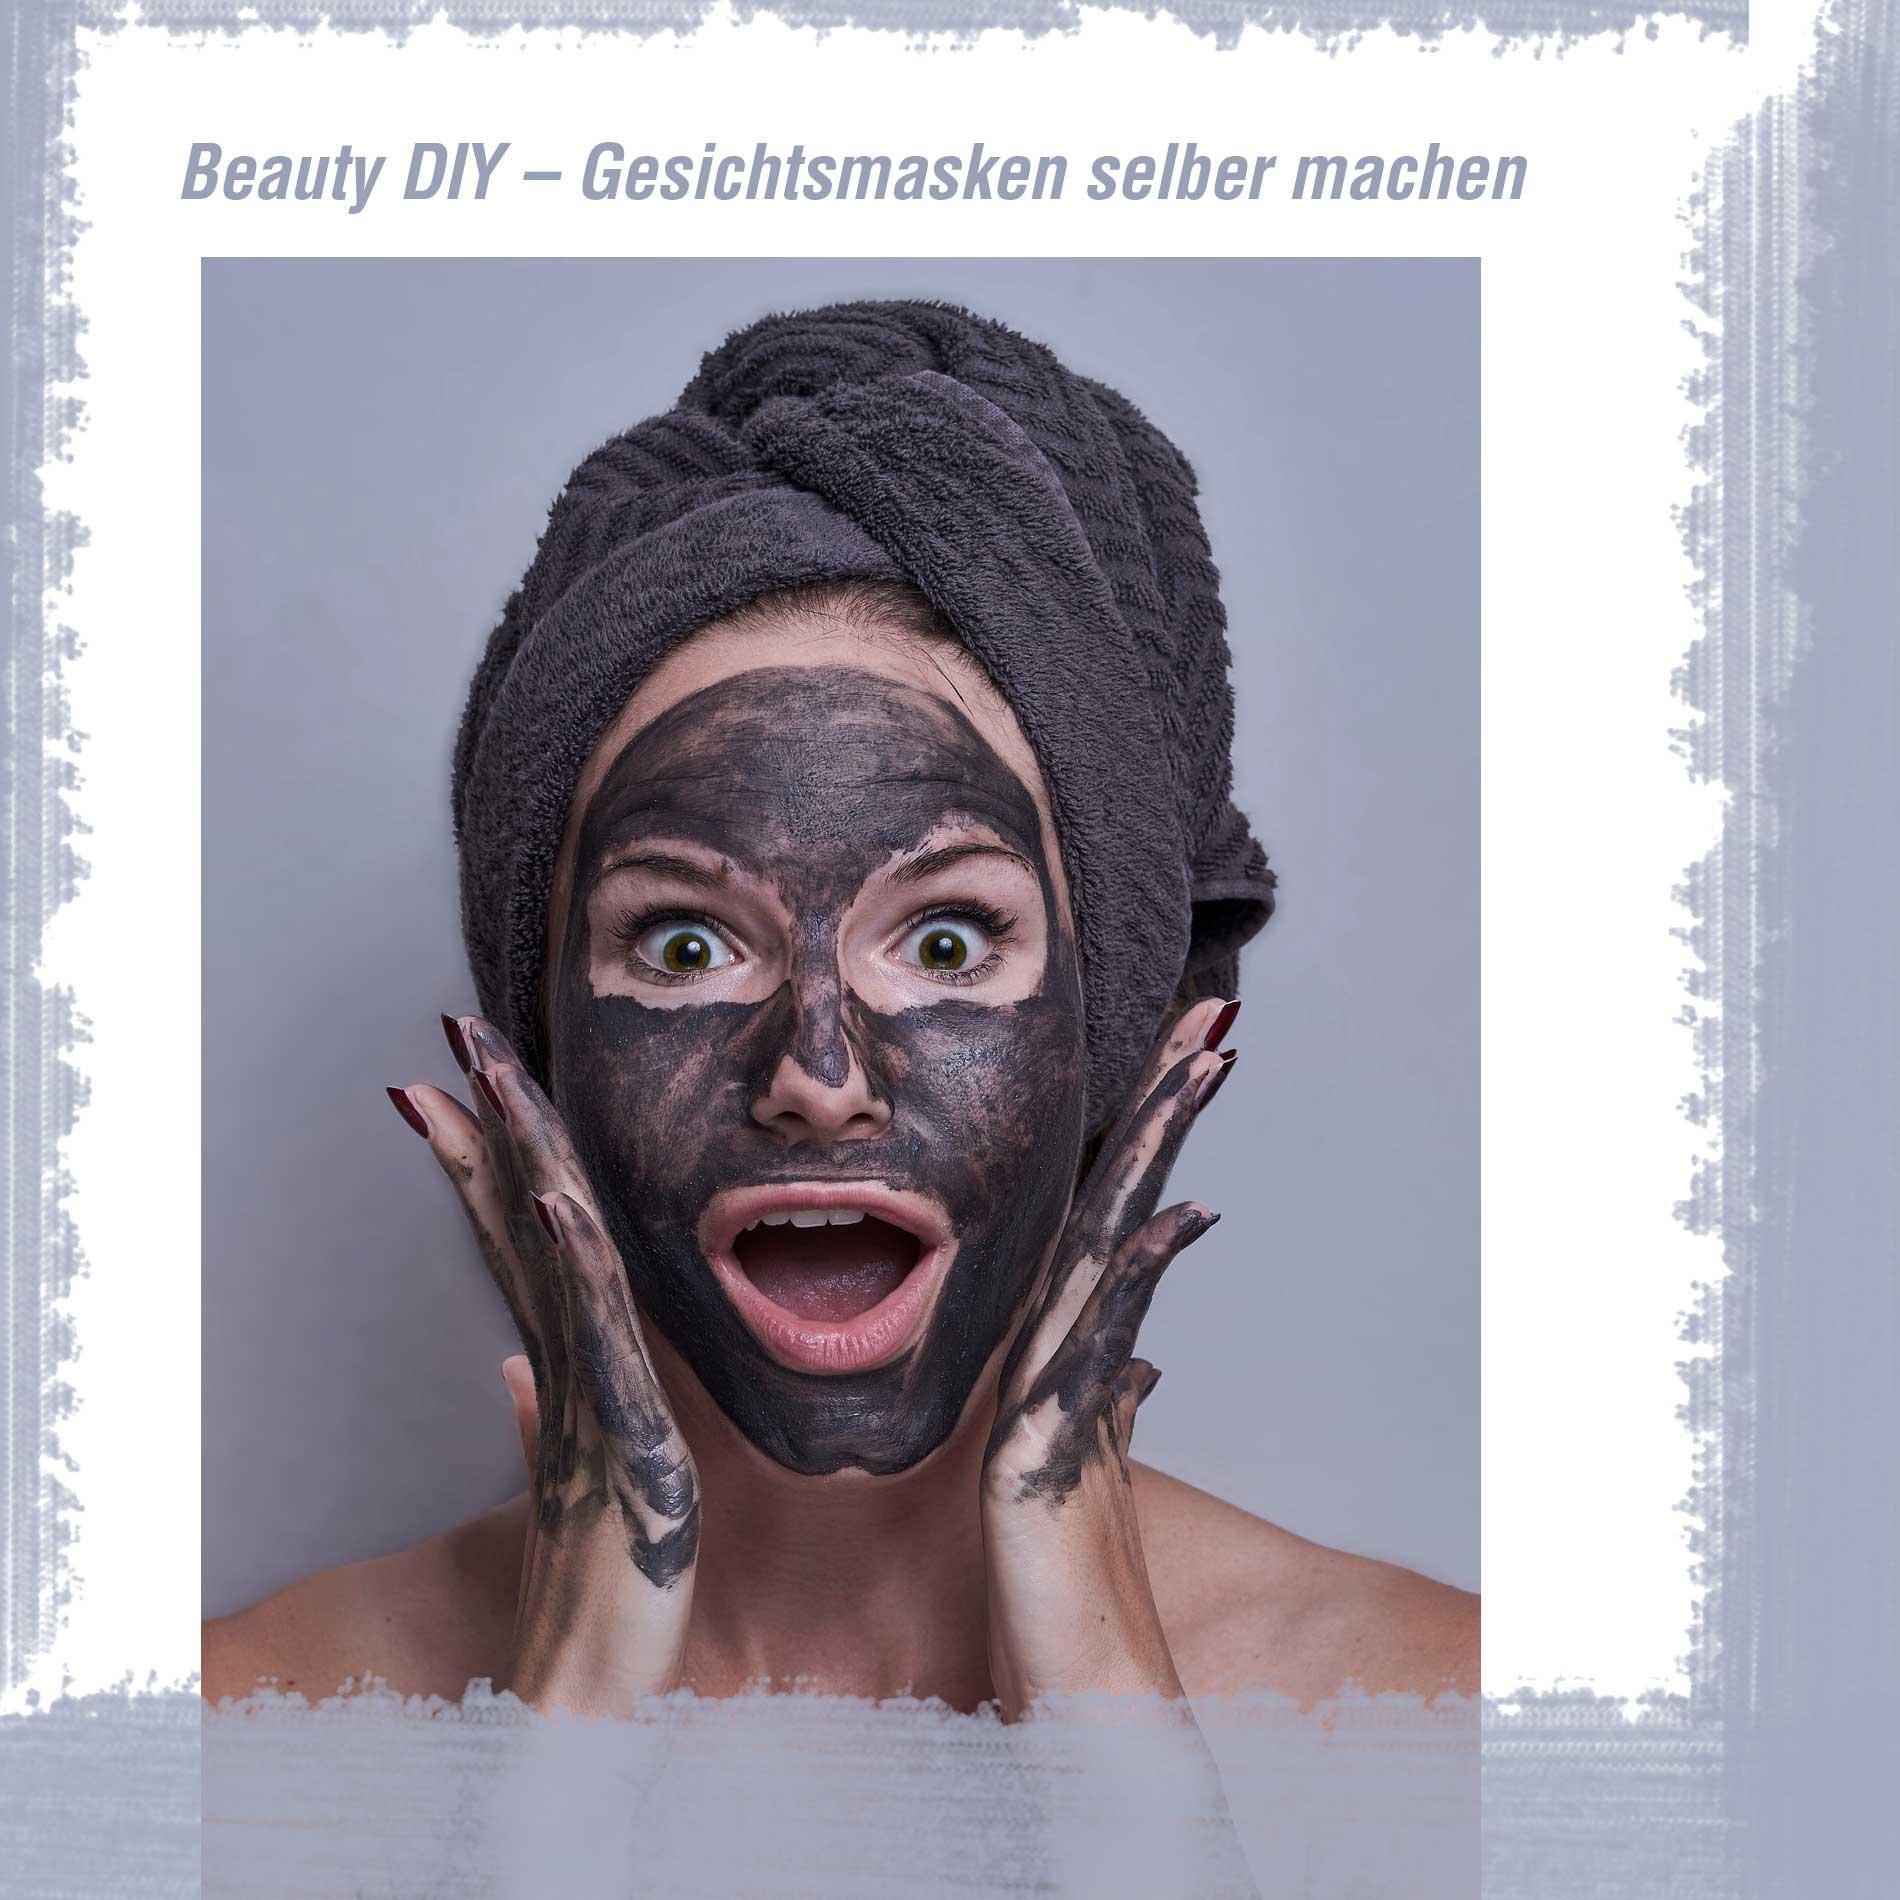 Gesichtsmaske selber machen, Gesichtsmaske, Hautpflege, Beauty DIY, Beauty Tipps, einfache Gesichtsmasken zum Selbermachen, Hautpflegetipps, Self Care, Wohlbefinden, unreine Haut, trockene Haut, fettige Haut, strahlende Haut